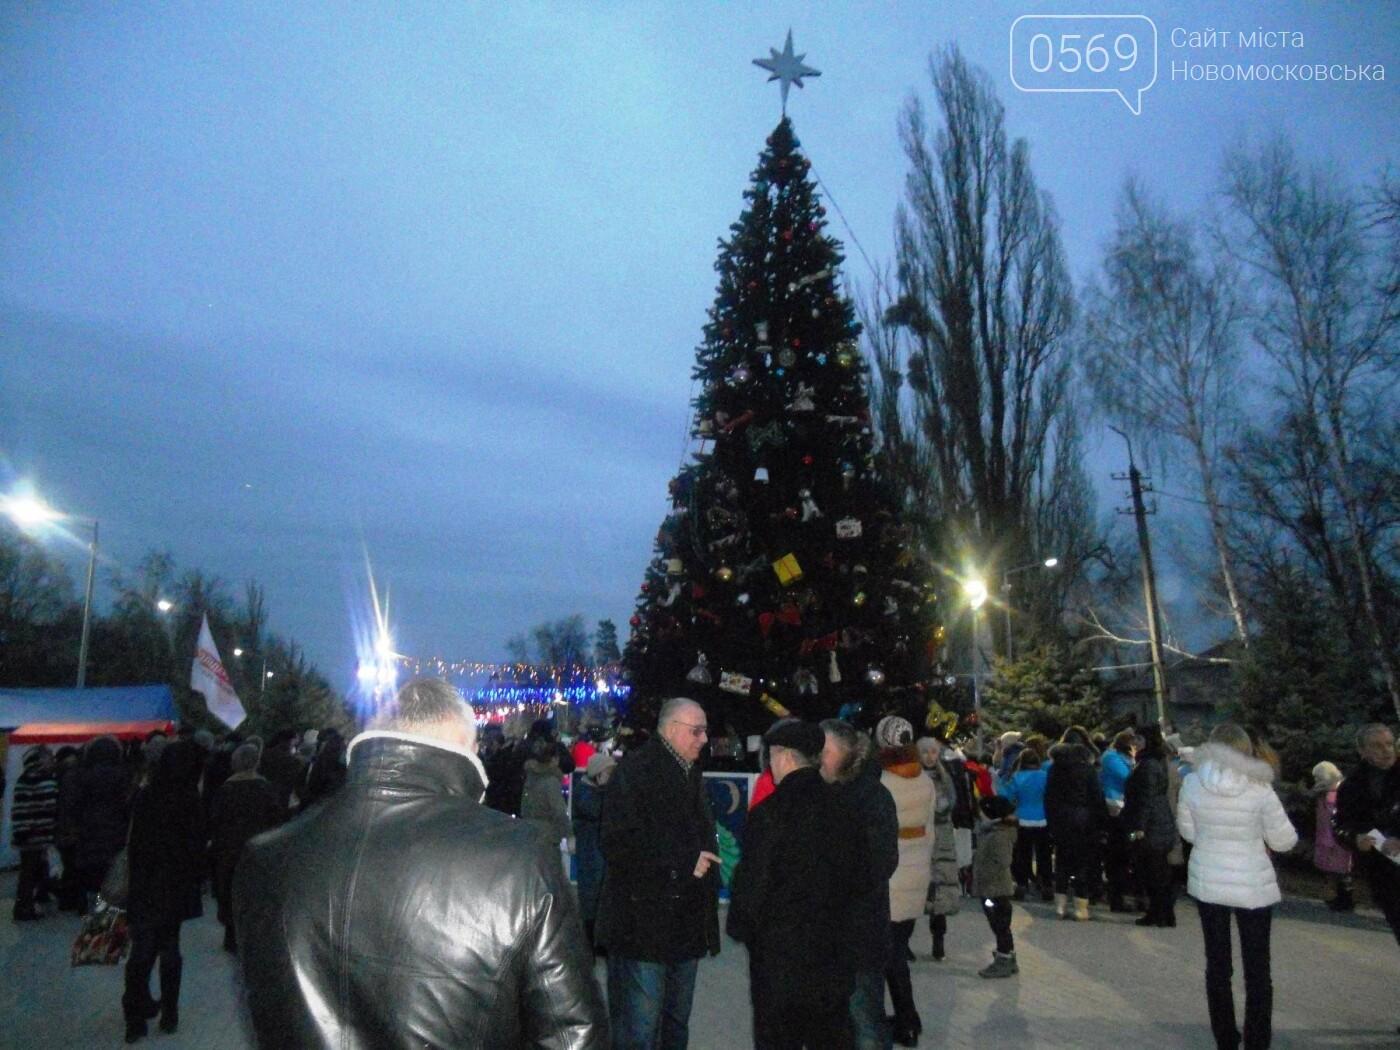 В Новомосковську урочисто відкрили міську ялинку, фото-1